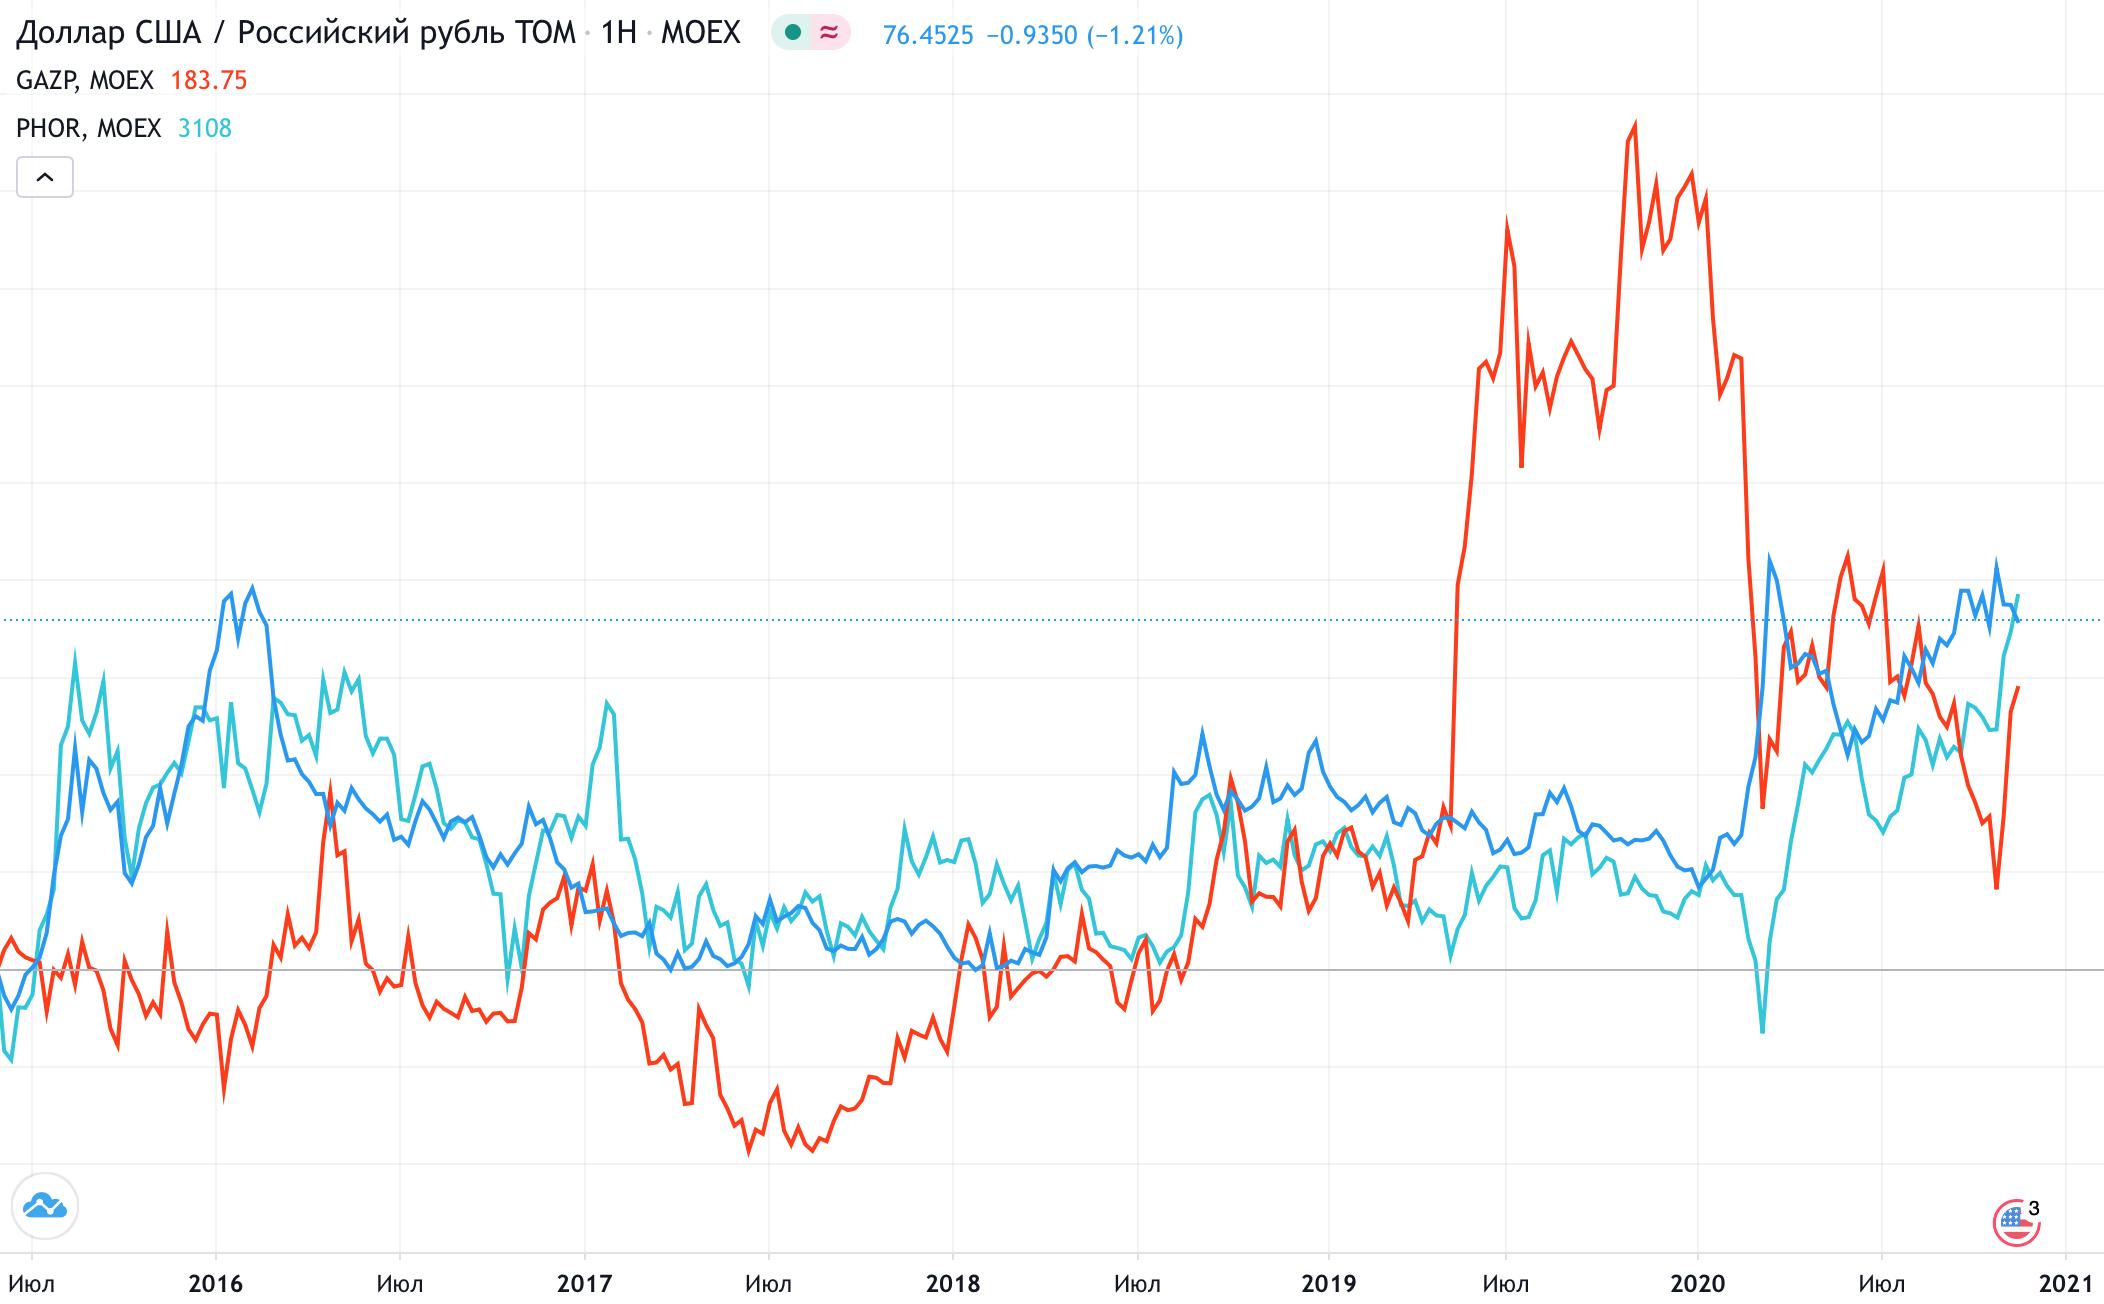 Курс доллара крублю (синий) иколебания акций «Газпрома» (красный) и«Фосагро» (голубой). Зависимость валютных всплесков иколебаний акций компаний-экспортеров — «Газпрома» и«Фосагро»: все три инструмента реагируют нанекий общий фактор, хотя четкой корреляции ненаблюдается. Источник: TradingView